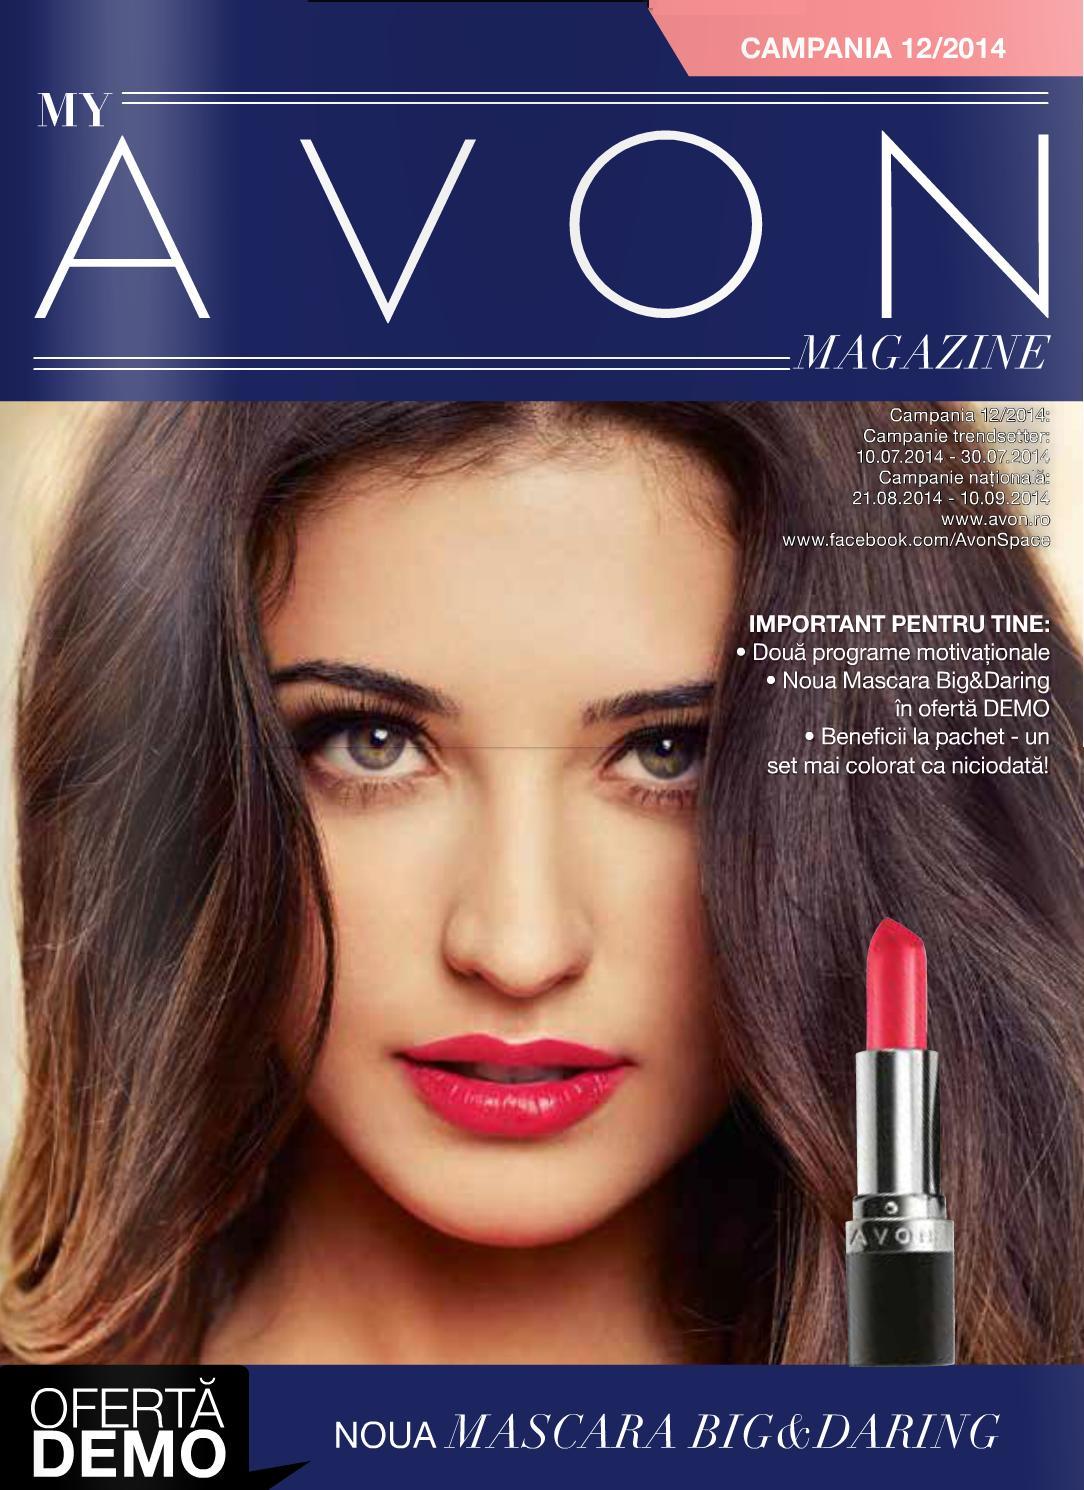 avon magazine